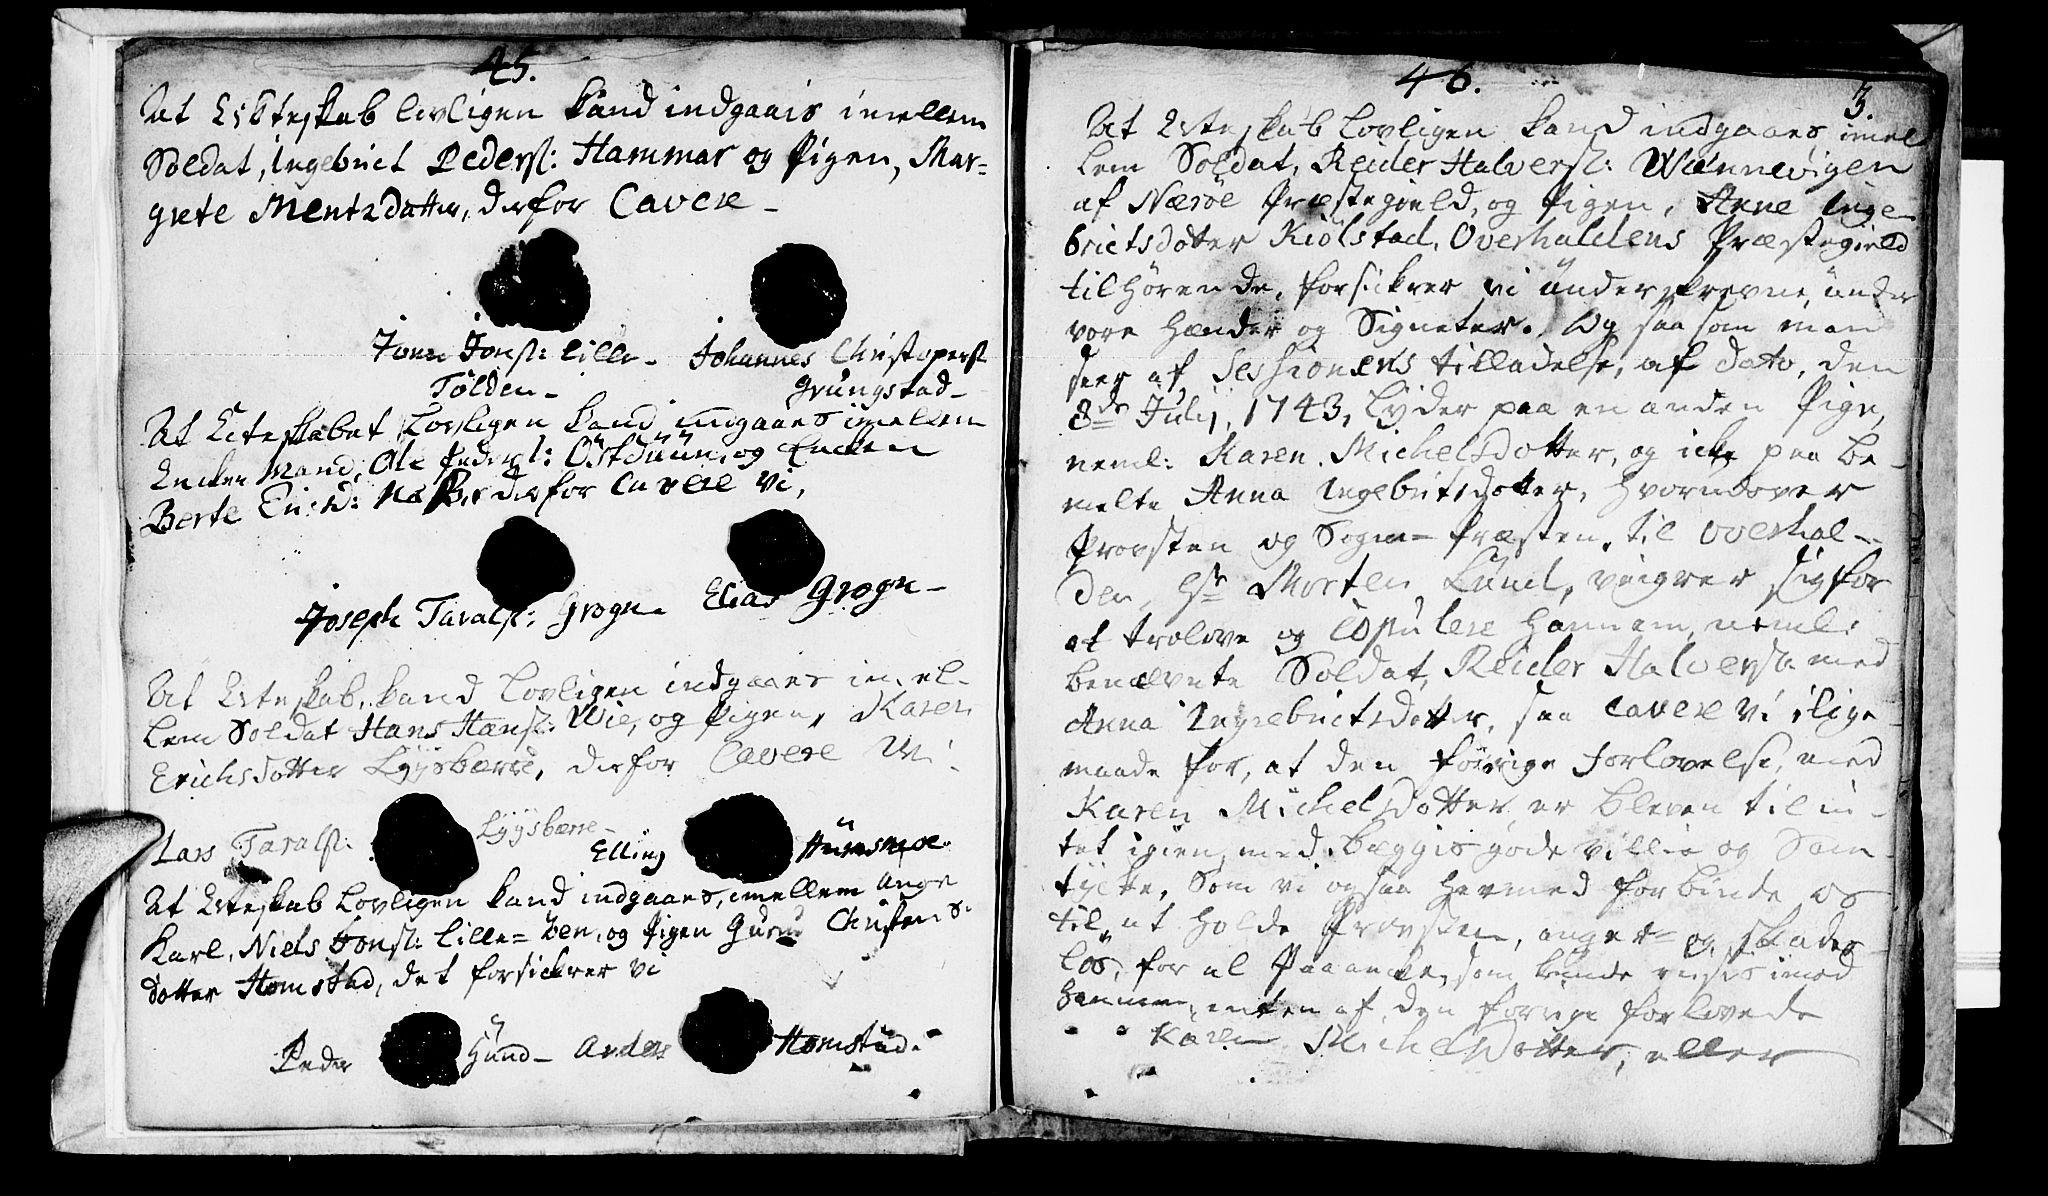 SAT, Ministerialprotokoller, klokkerbøker og fødselsregistre - Nord-Trøndelag, 764/L0541: Ministerialbok nr. 764A01, 1745-1758, s. 3